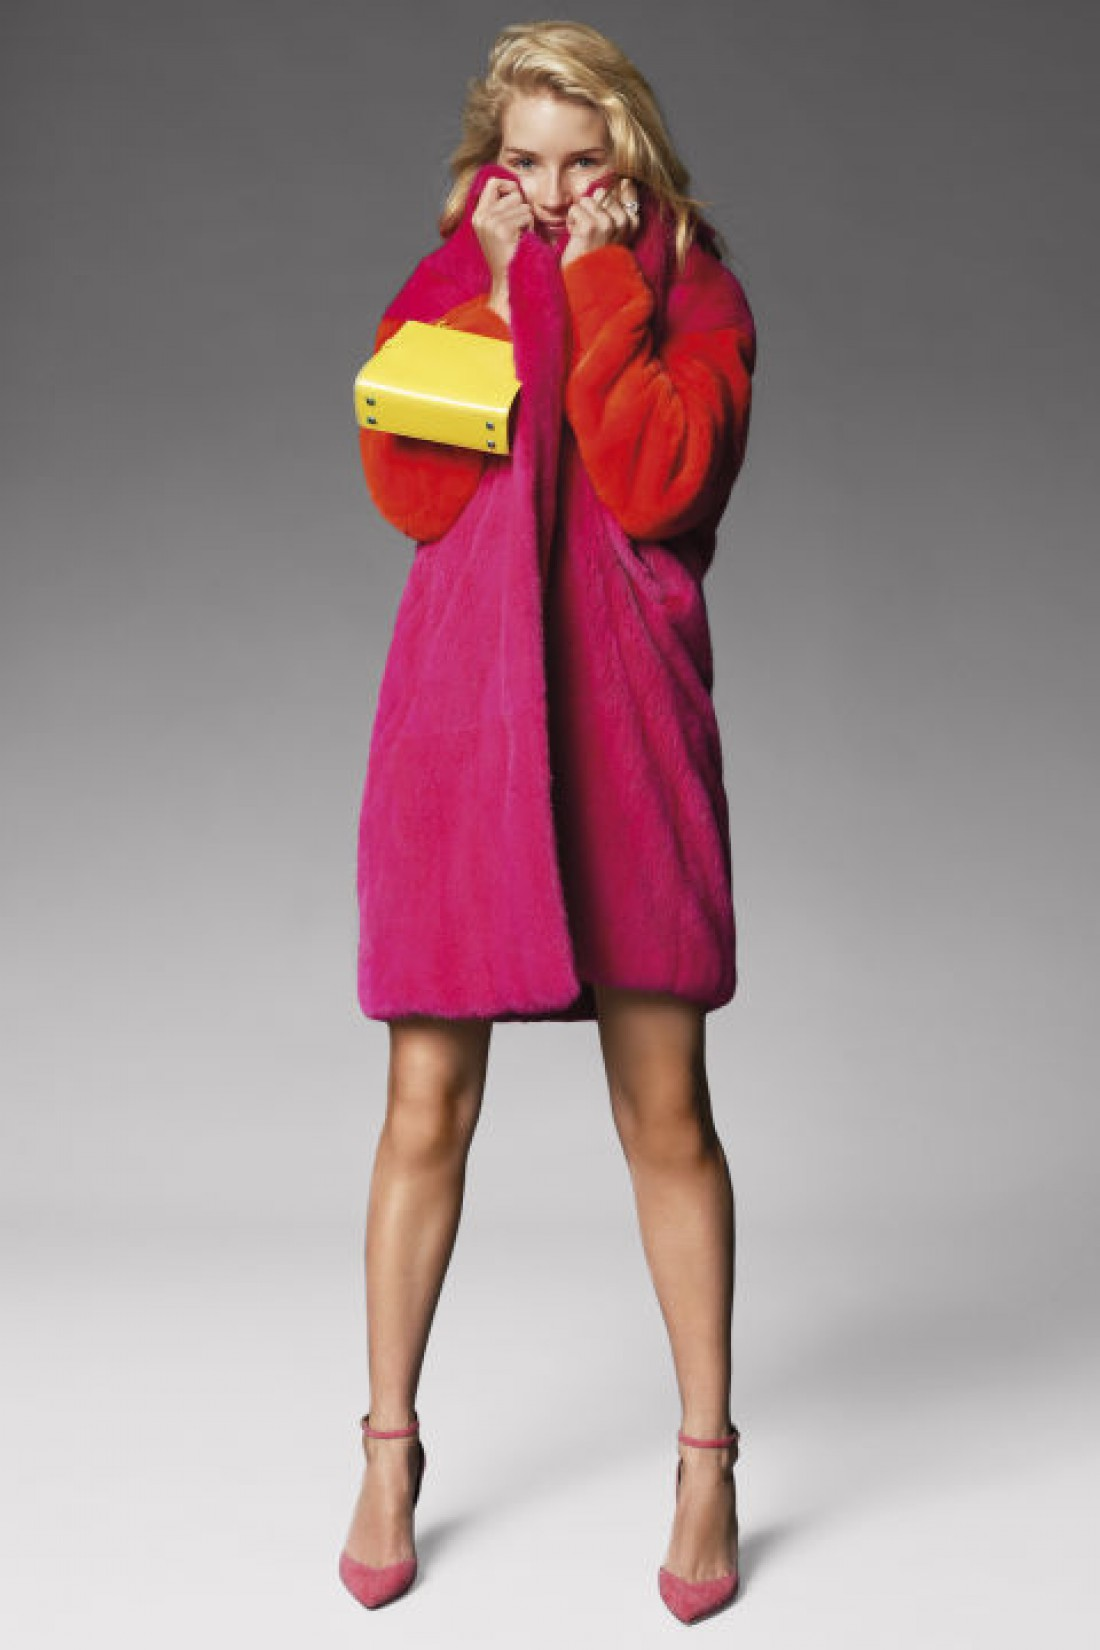 Лотти Мосс для Harper's Bazaar